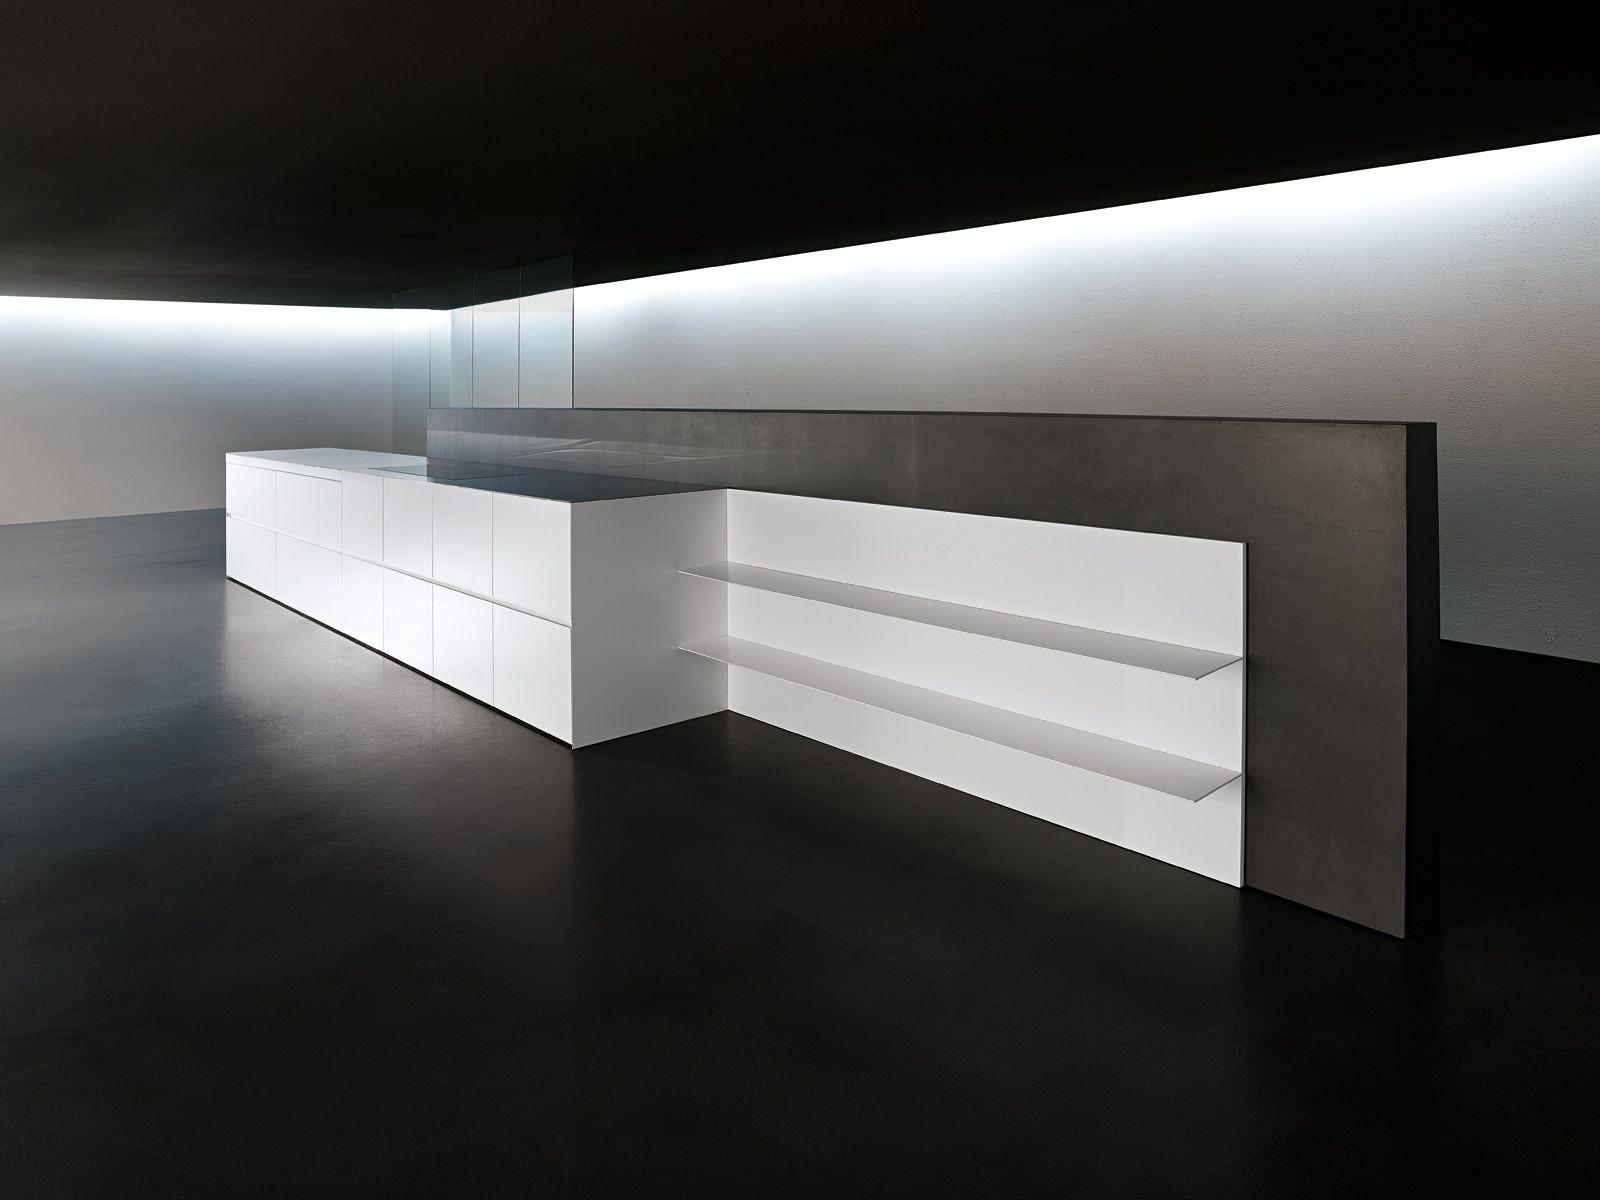 Innenarchitektur für küchenschrank glam sliding top kitchen by minimal  innenarchitektur küche